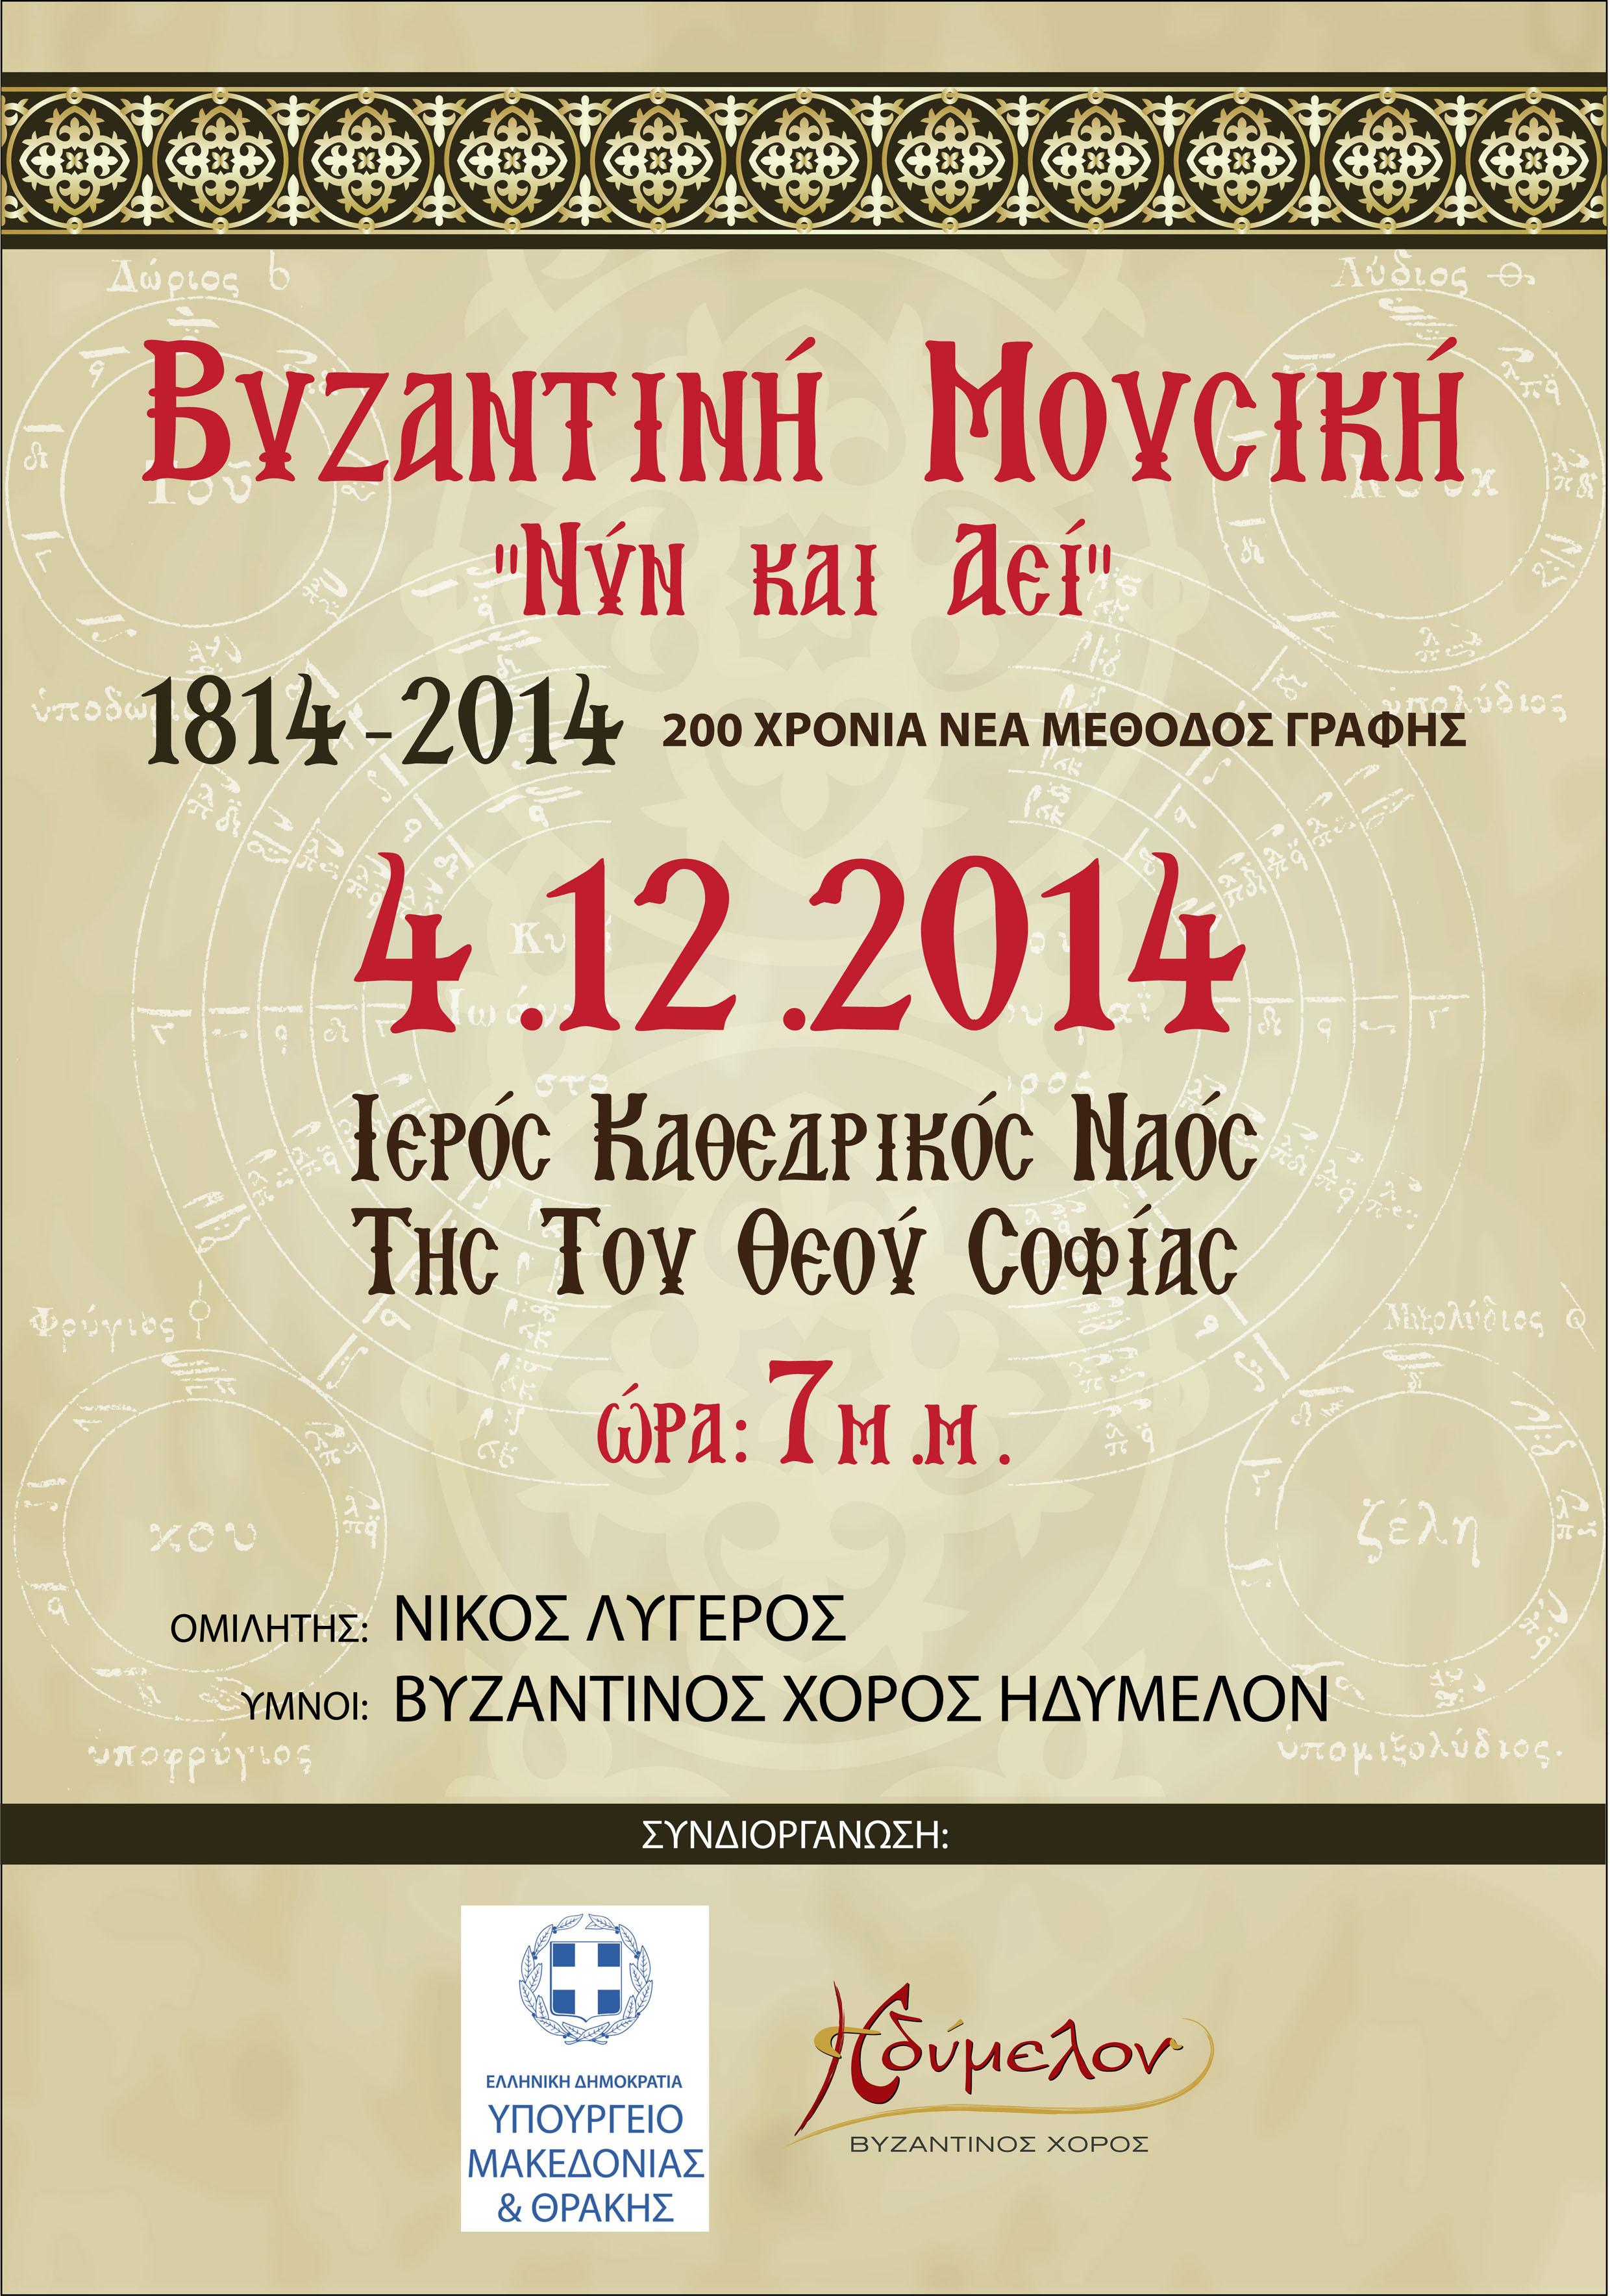 Βυζαντινή Μουσική Νύν και Αεί. 1814-2014, 200 ΧΡΟΝΙΑ ΝΕΑ ΜΕΘΟΔΟΣ ΓΡΑΦΗΣ